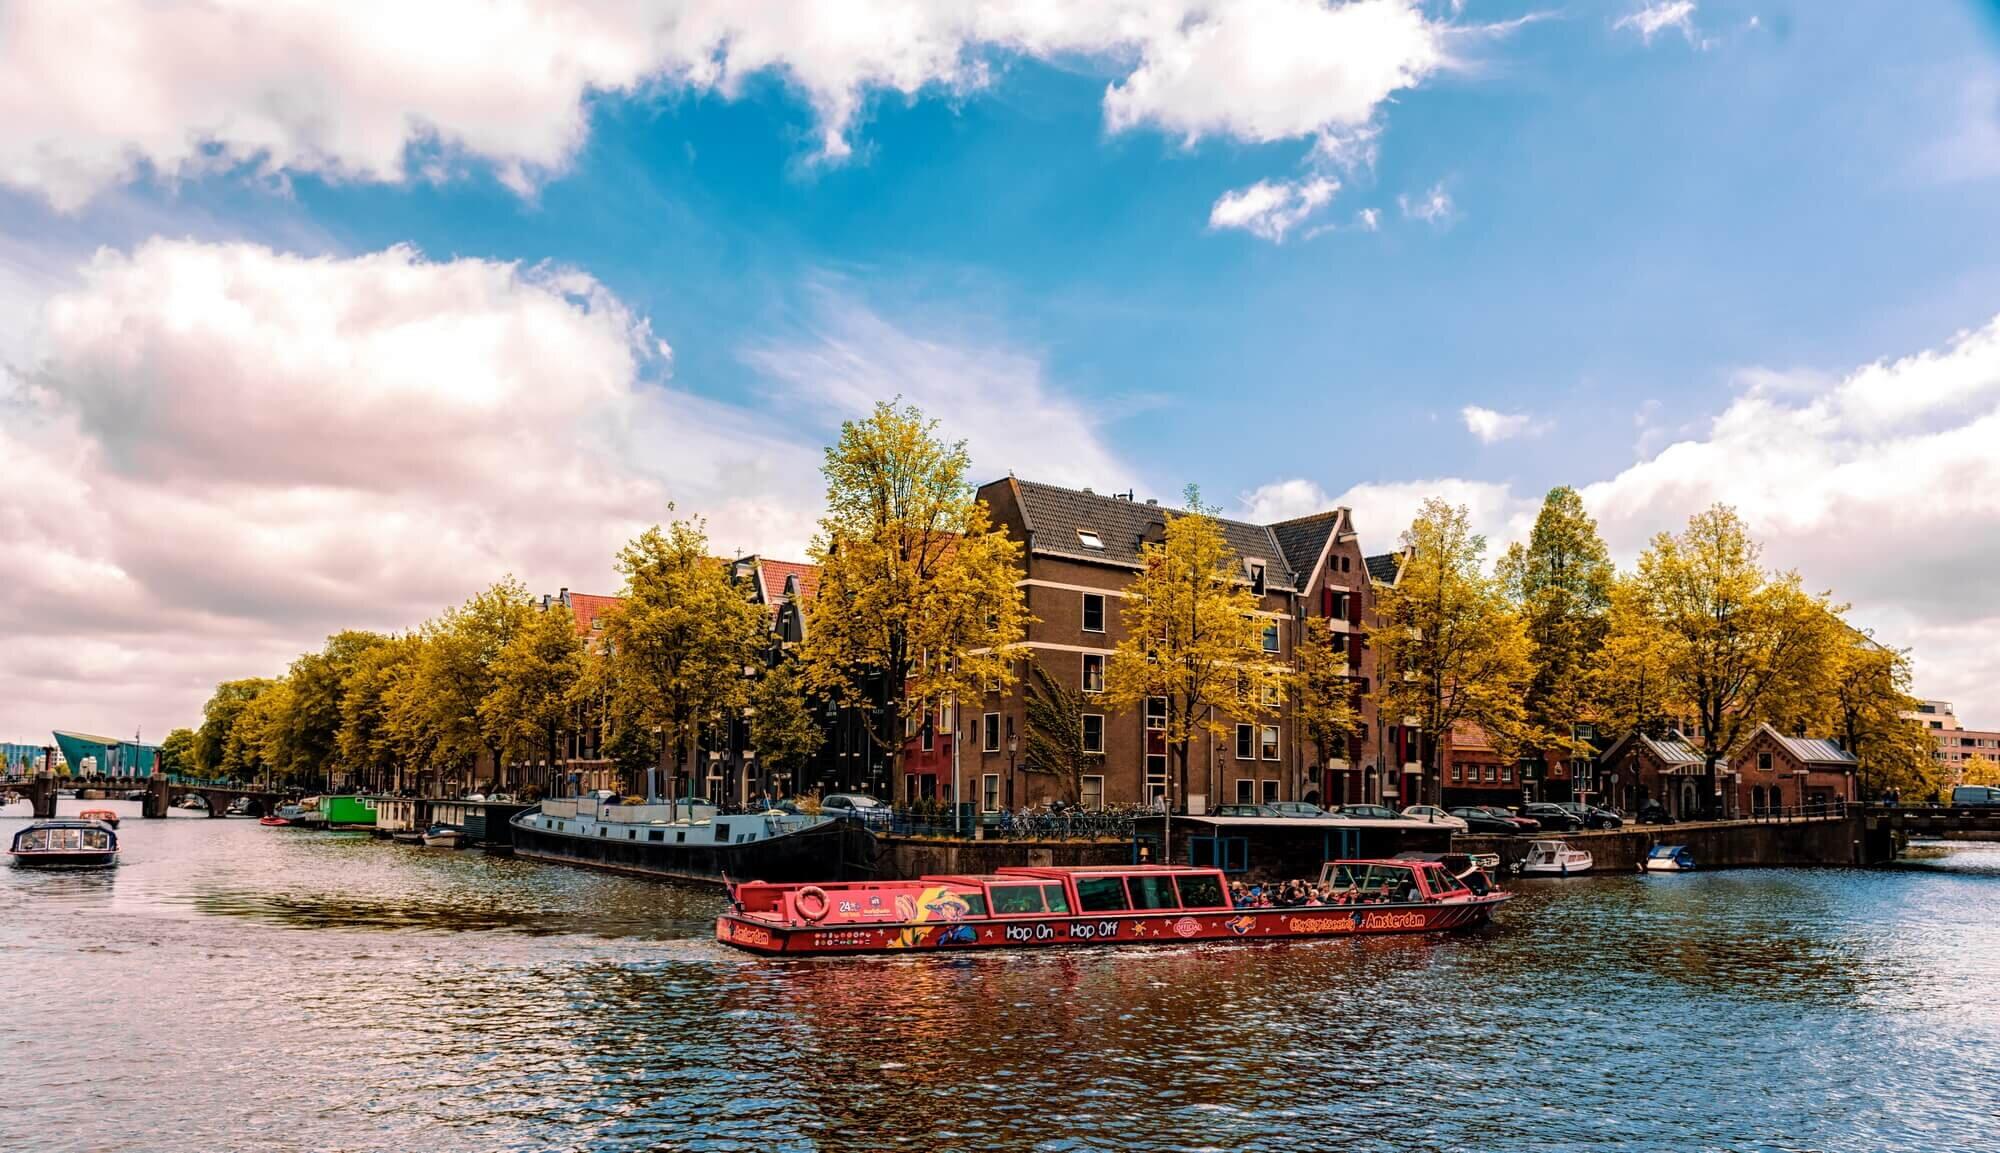 אמסטרדם, הולנד - Amsterdam, Netherlands